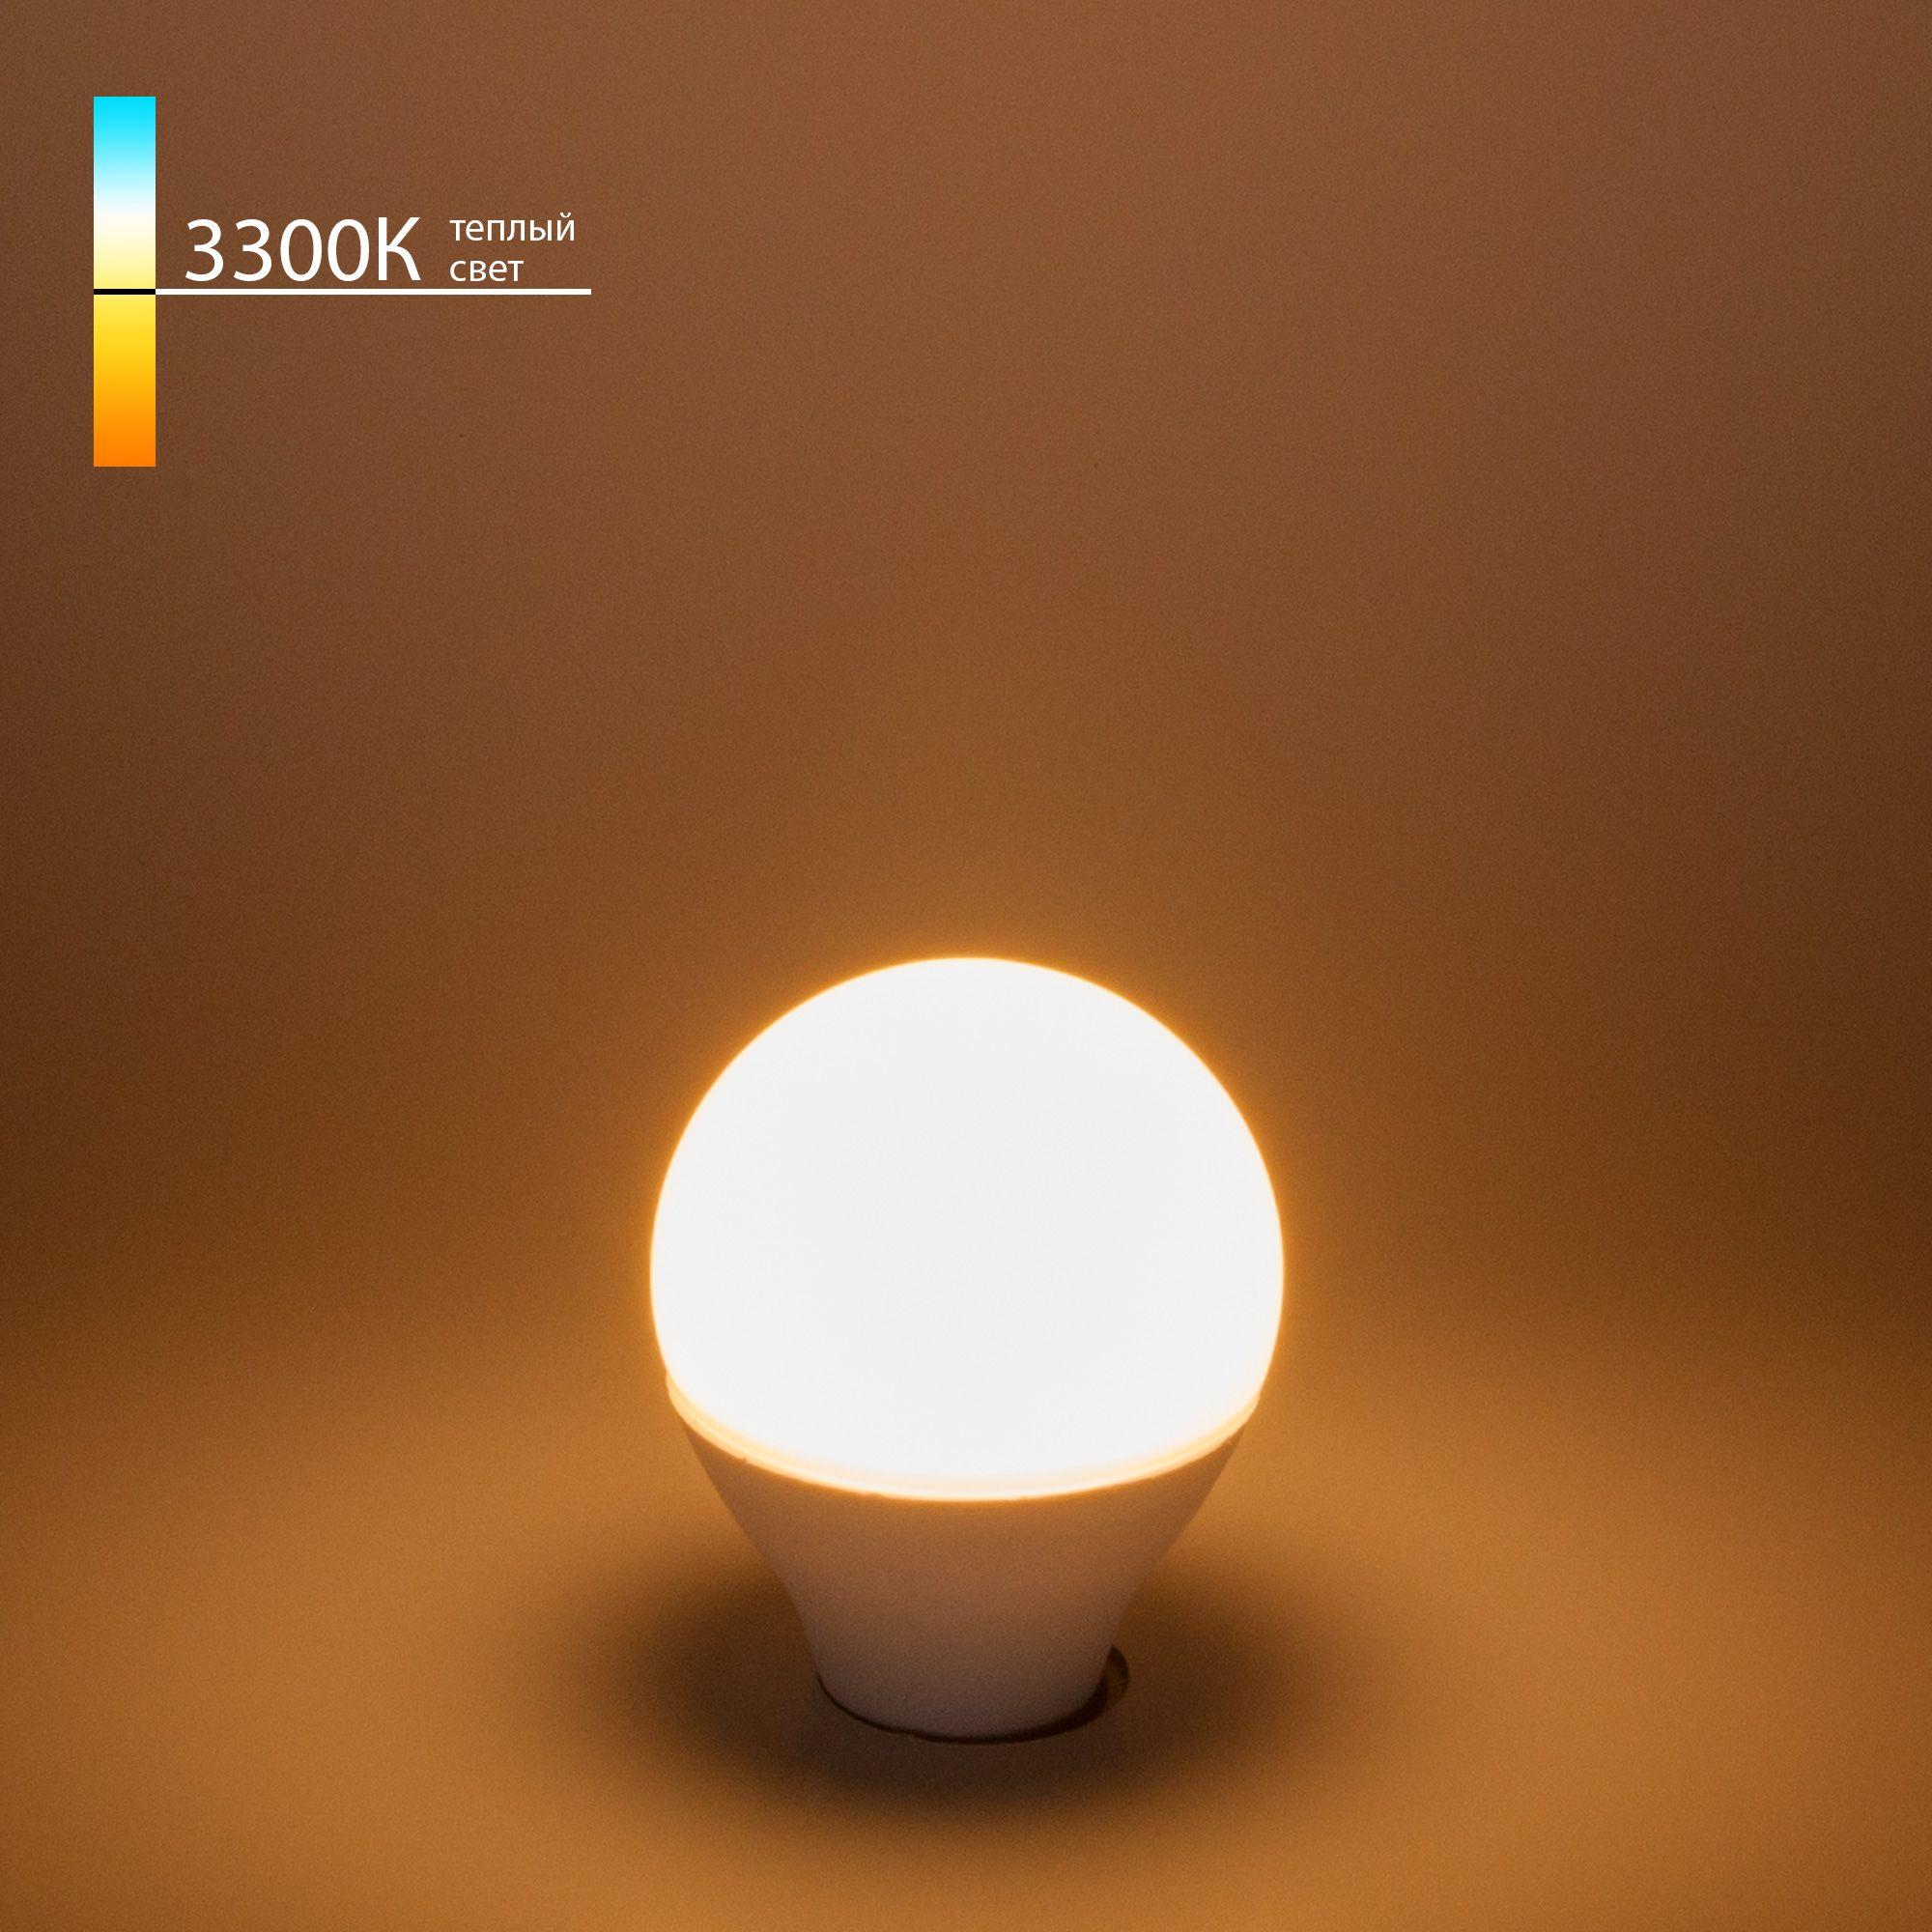 Светодиодная лампа G45 7W 3300K E14 Mini Classic  LED 7W 3300K E14